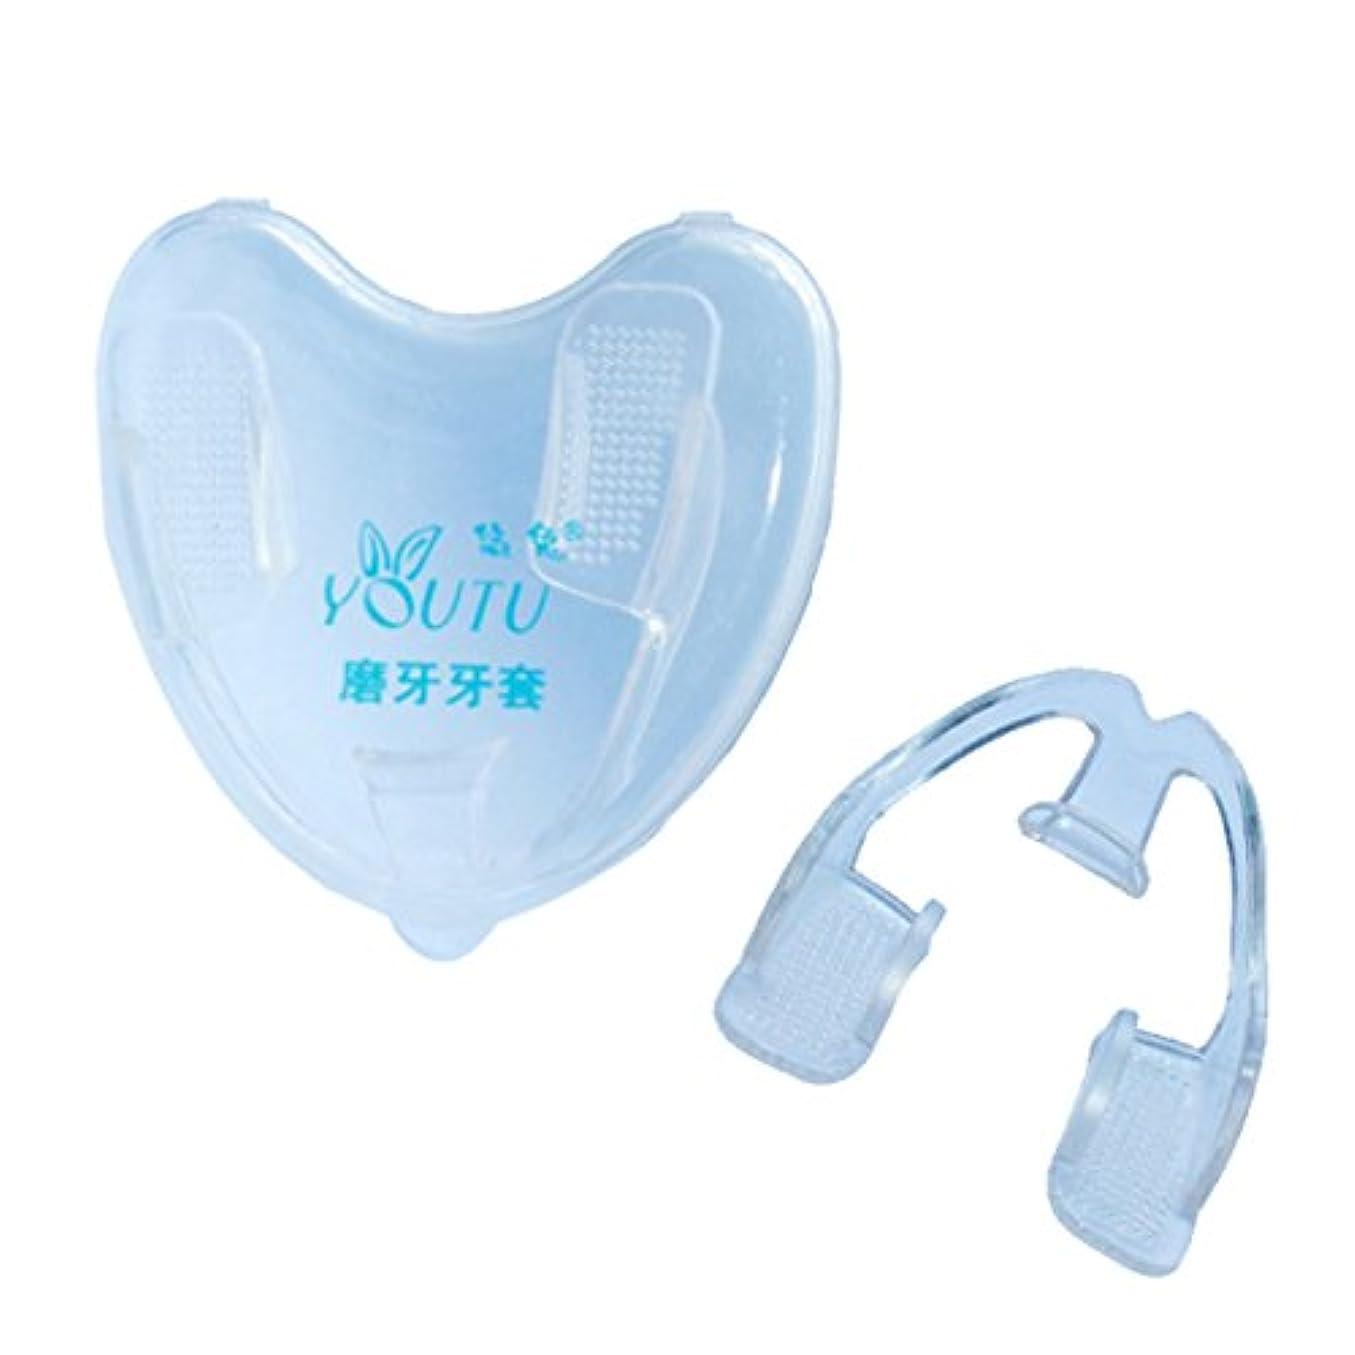 インストラクターブラジャー作物シリコーン 歯矯正 デンタルマウスピース 睡眠援助 いびき防止